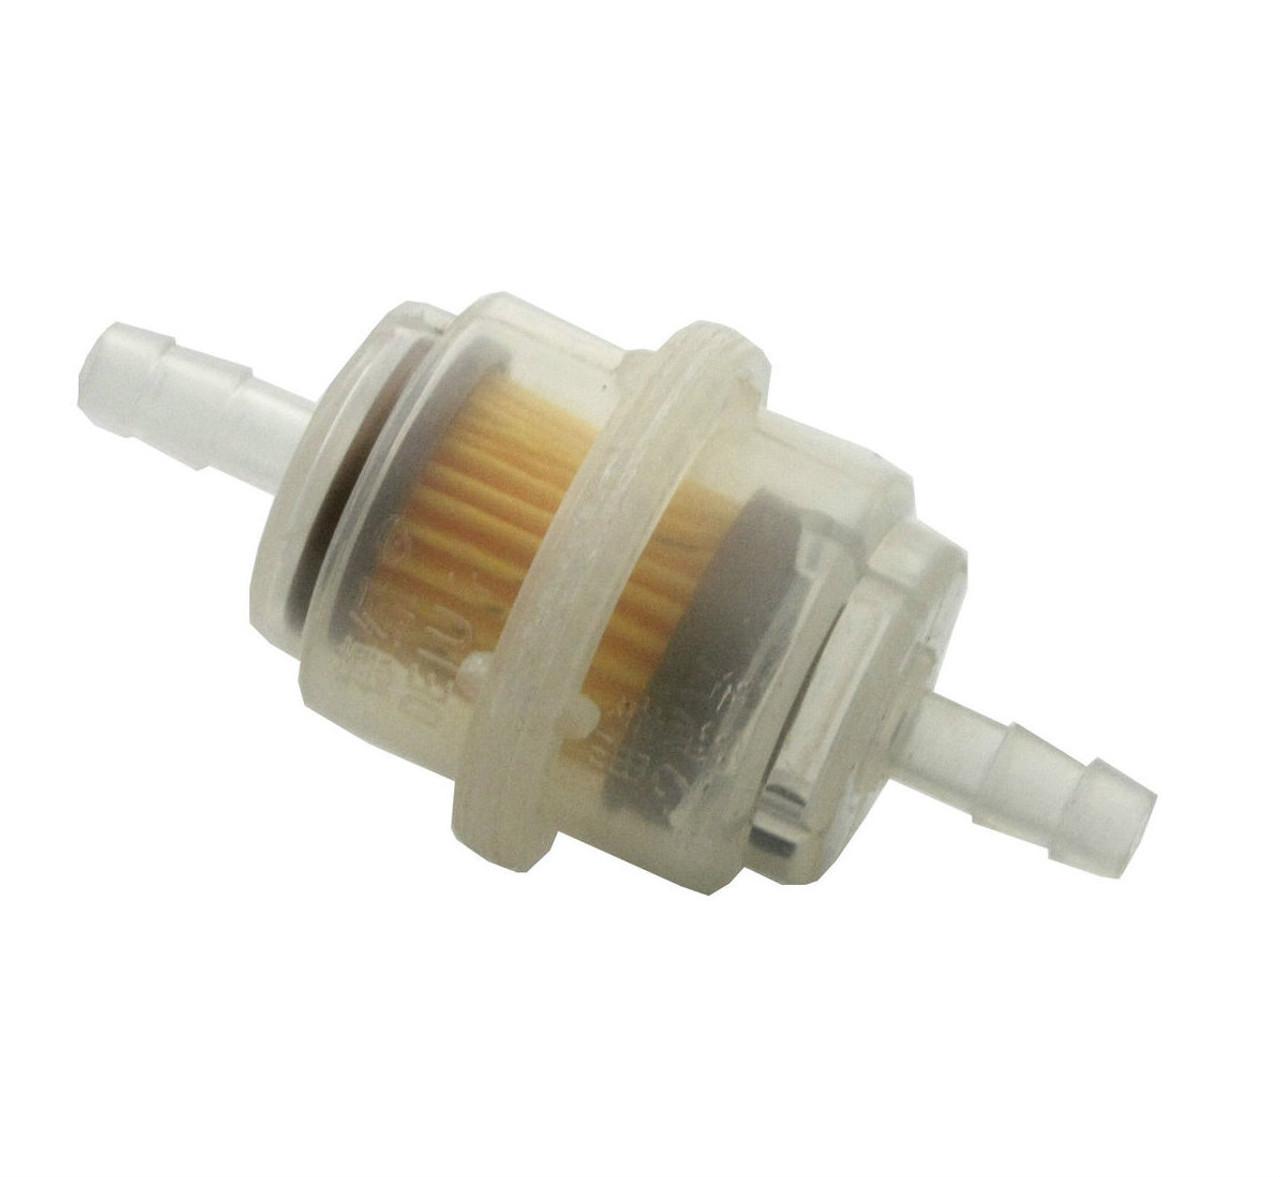 hight resolution of mikuni fuel filter